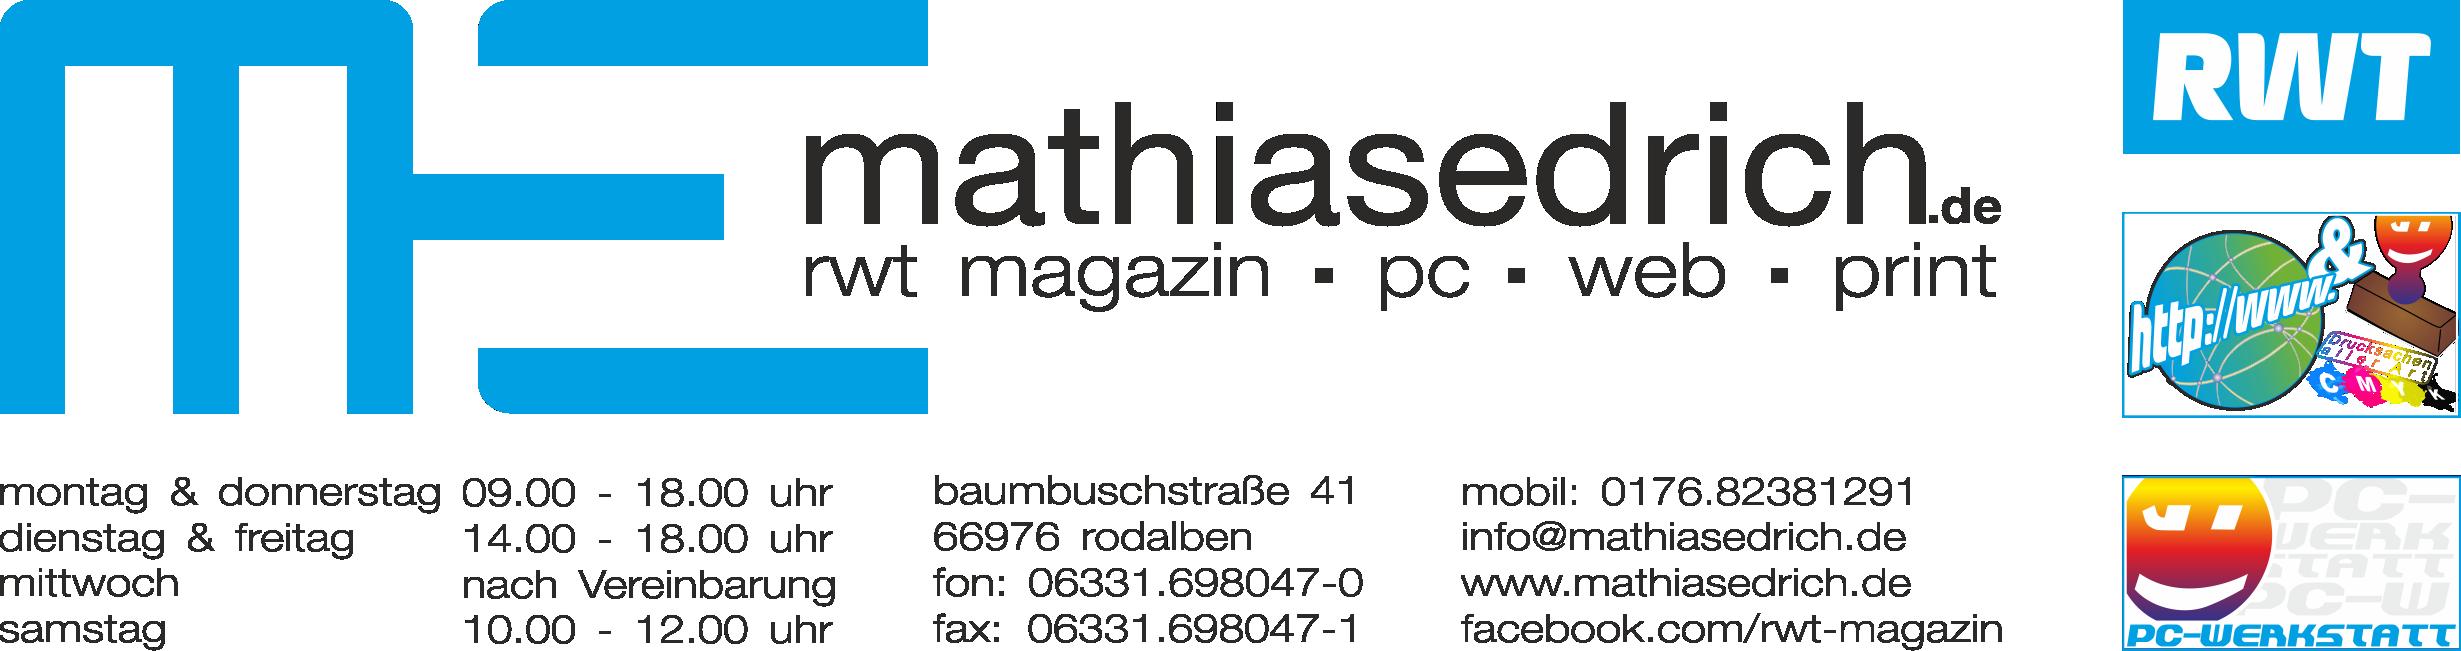 mathiasedrich.de